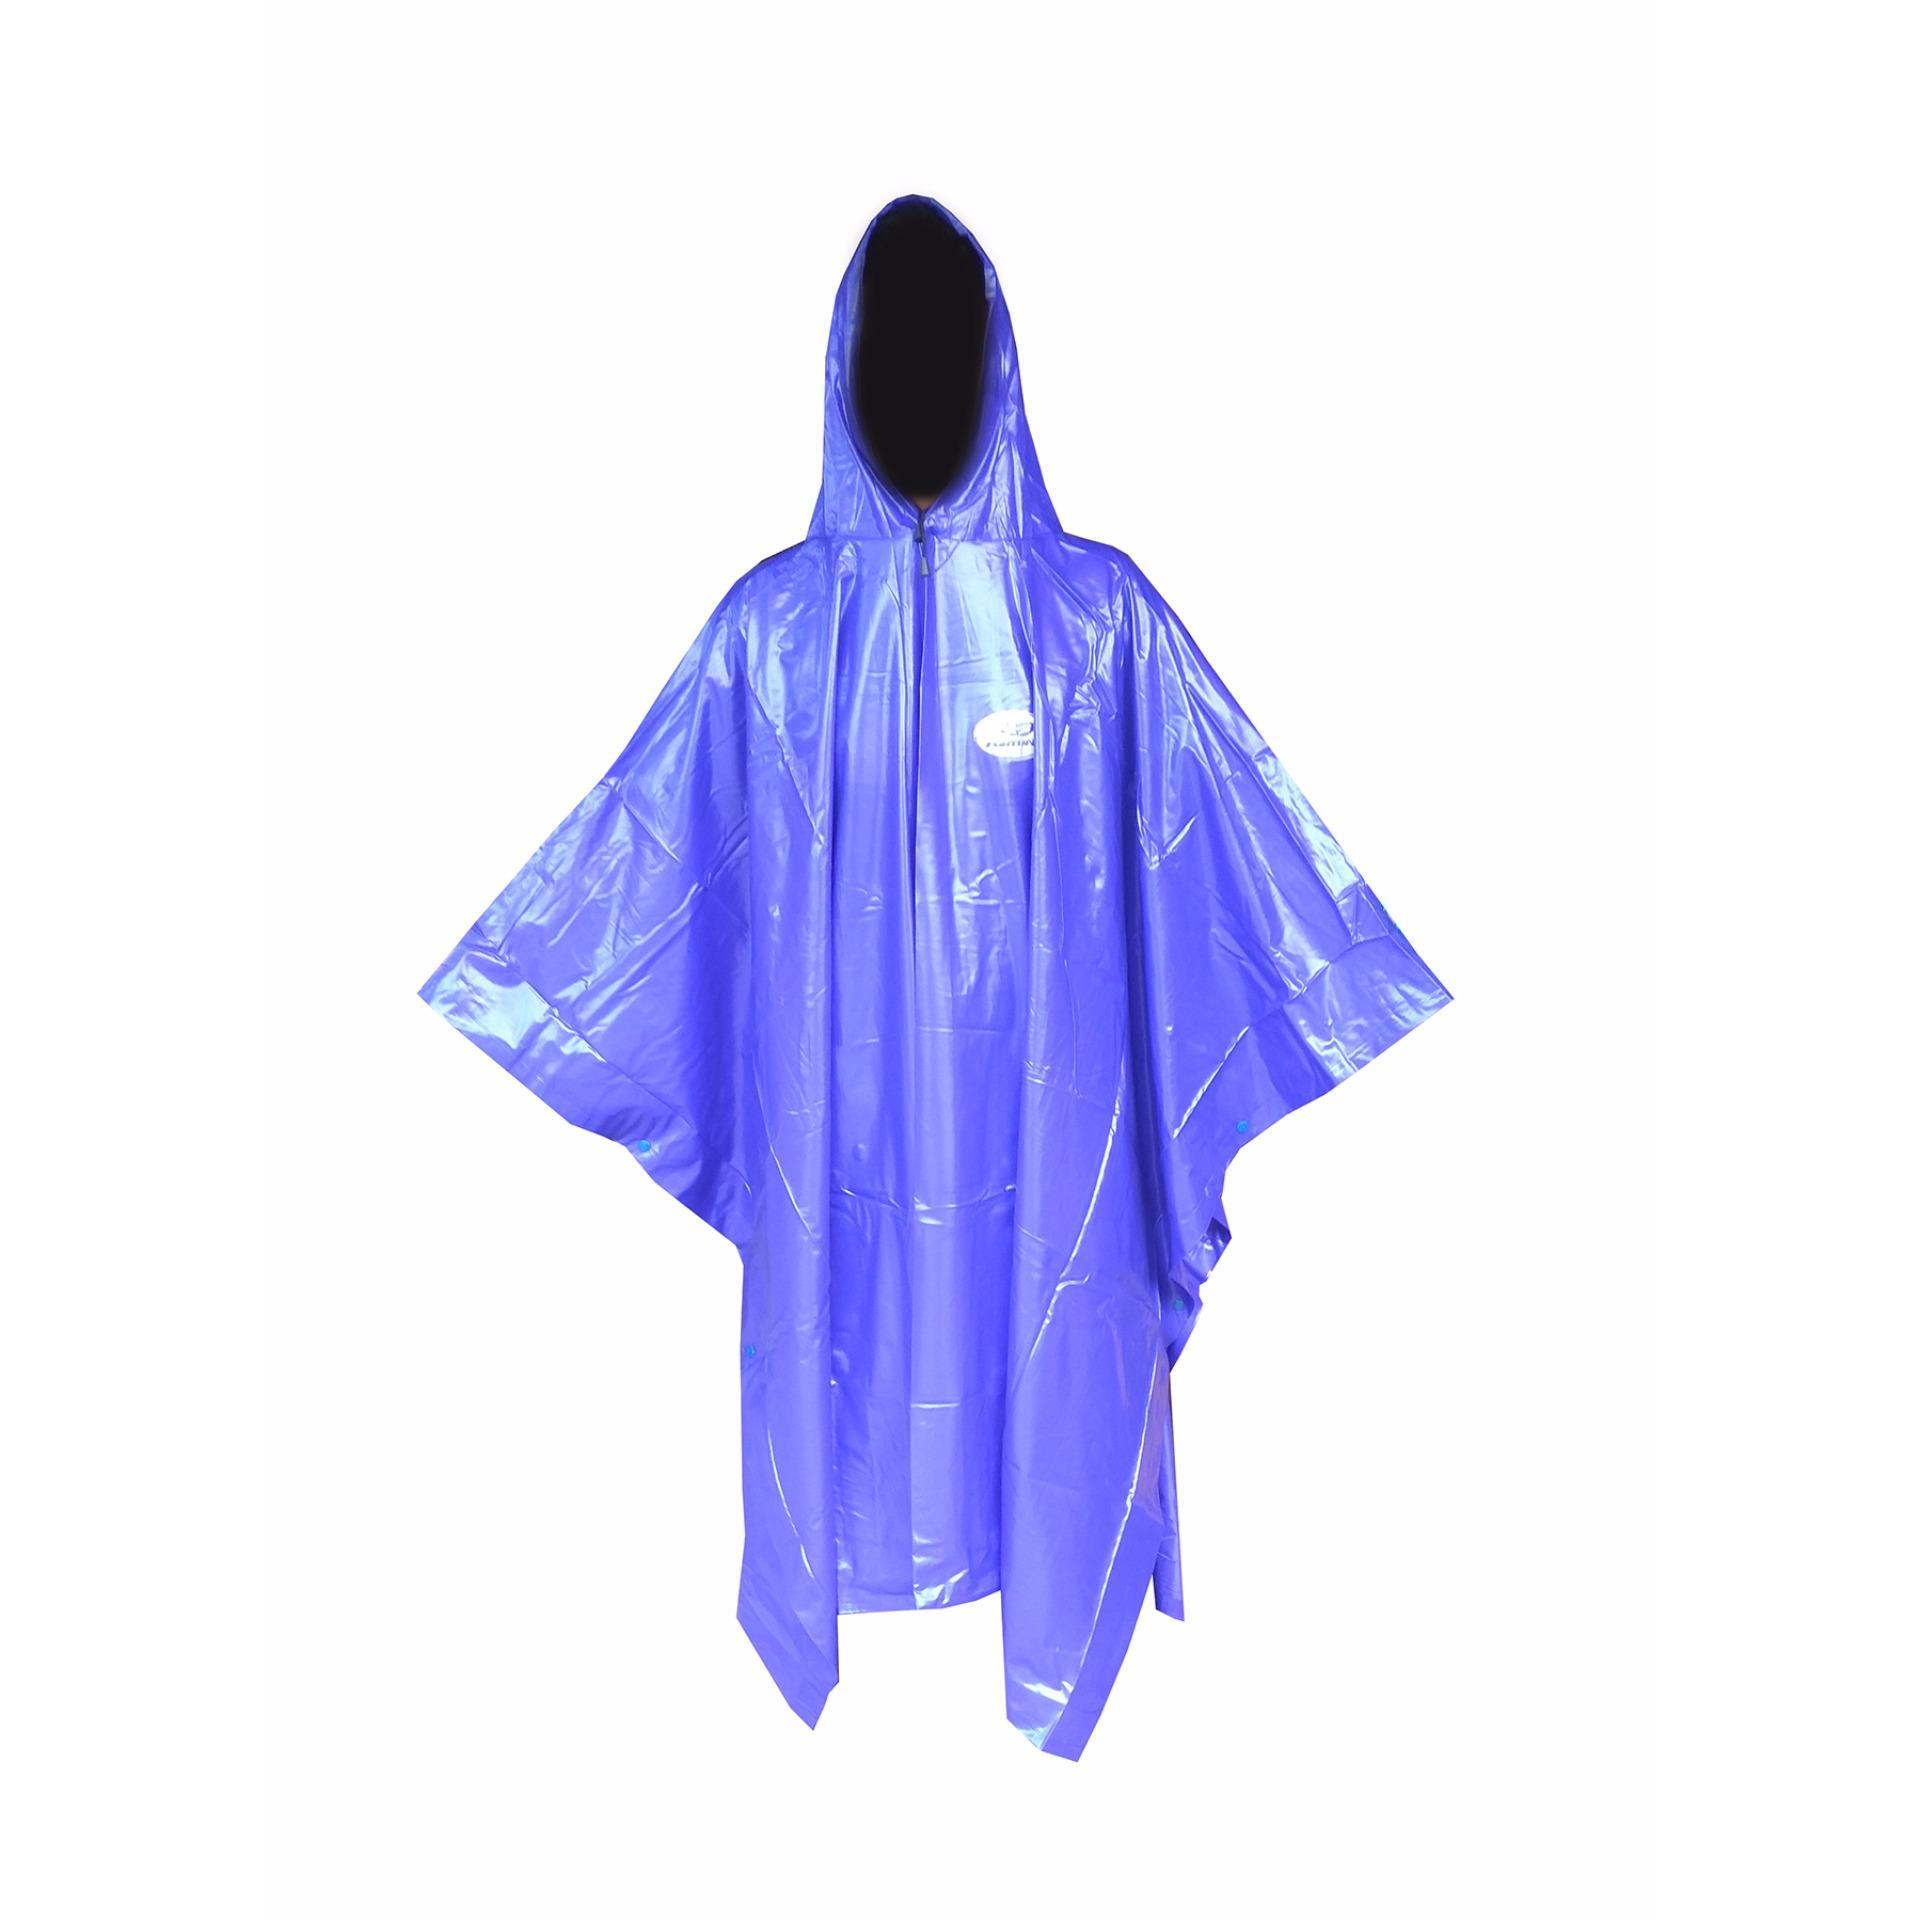 Dapatkan Segera Fortune Jas Hujan Ponco Karet Pvc Tebal Beratnya Hampir 1Kg Tipe F613 Biru